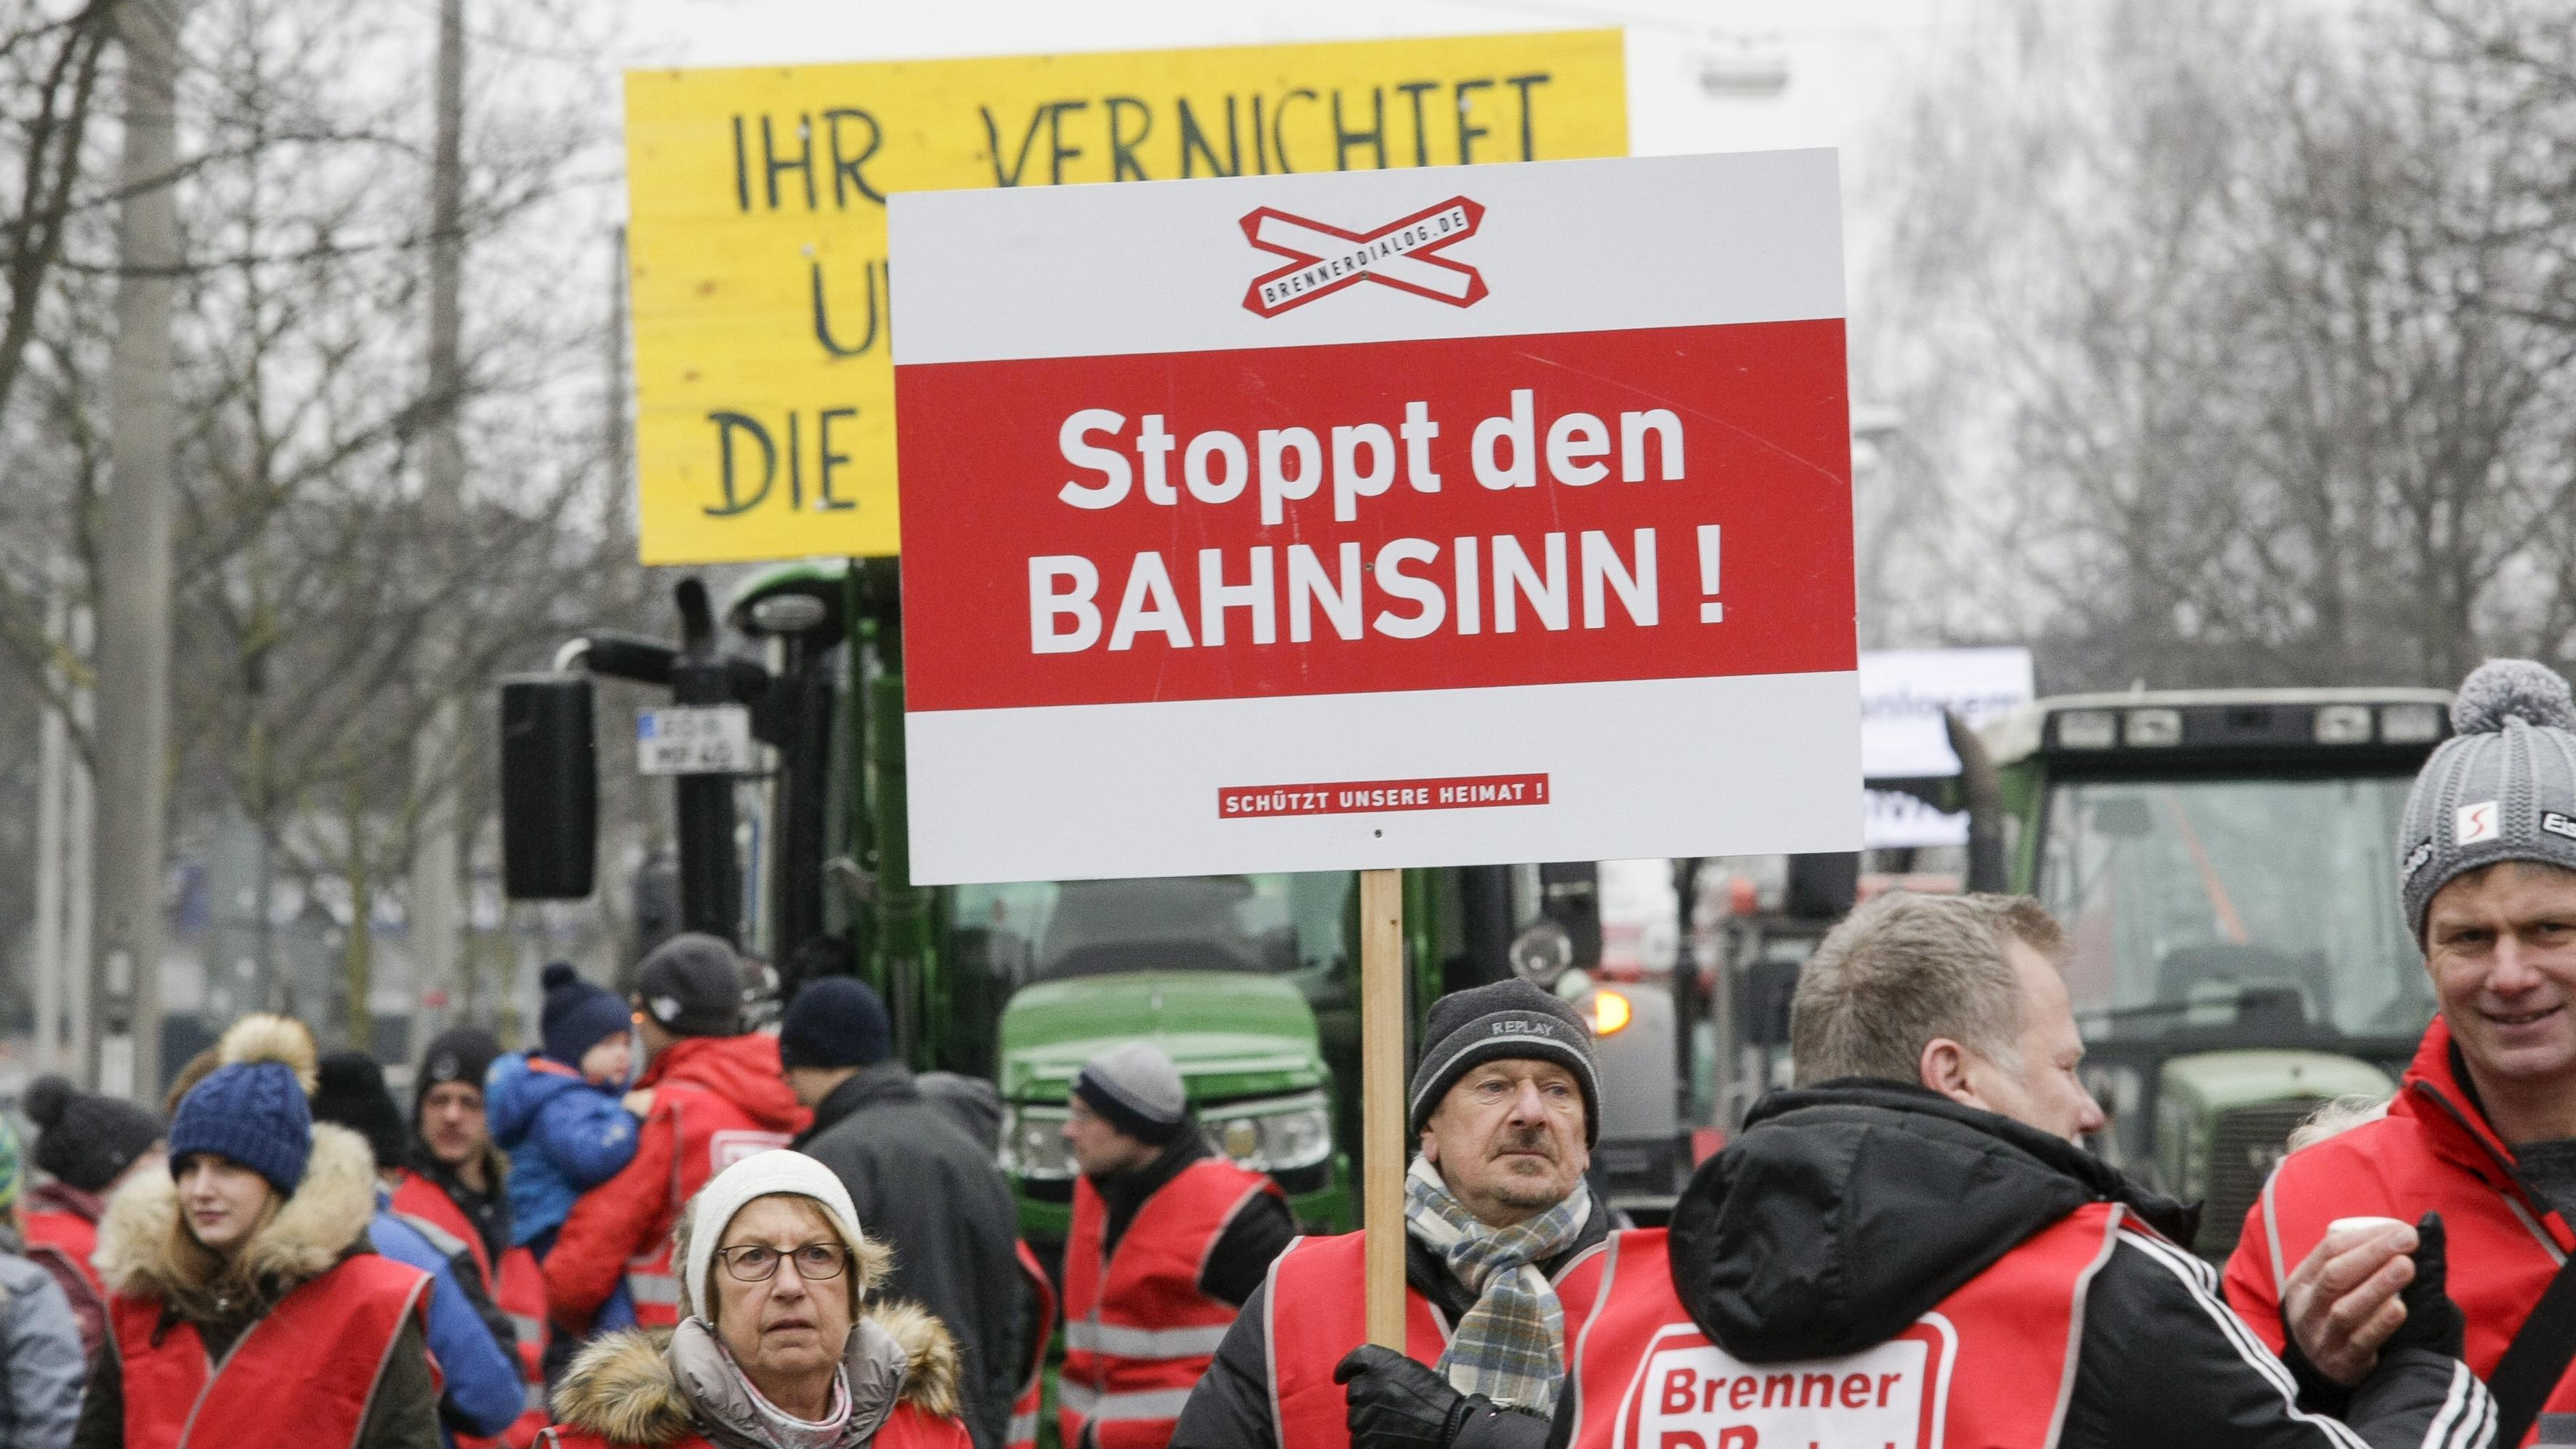 Proteste gegen Brenner-Nordzulauf: Sternmarsch zum Landkreisamt Rosenheim